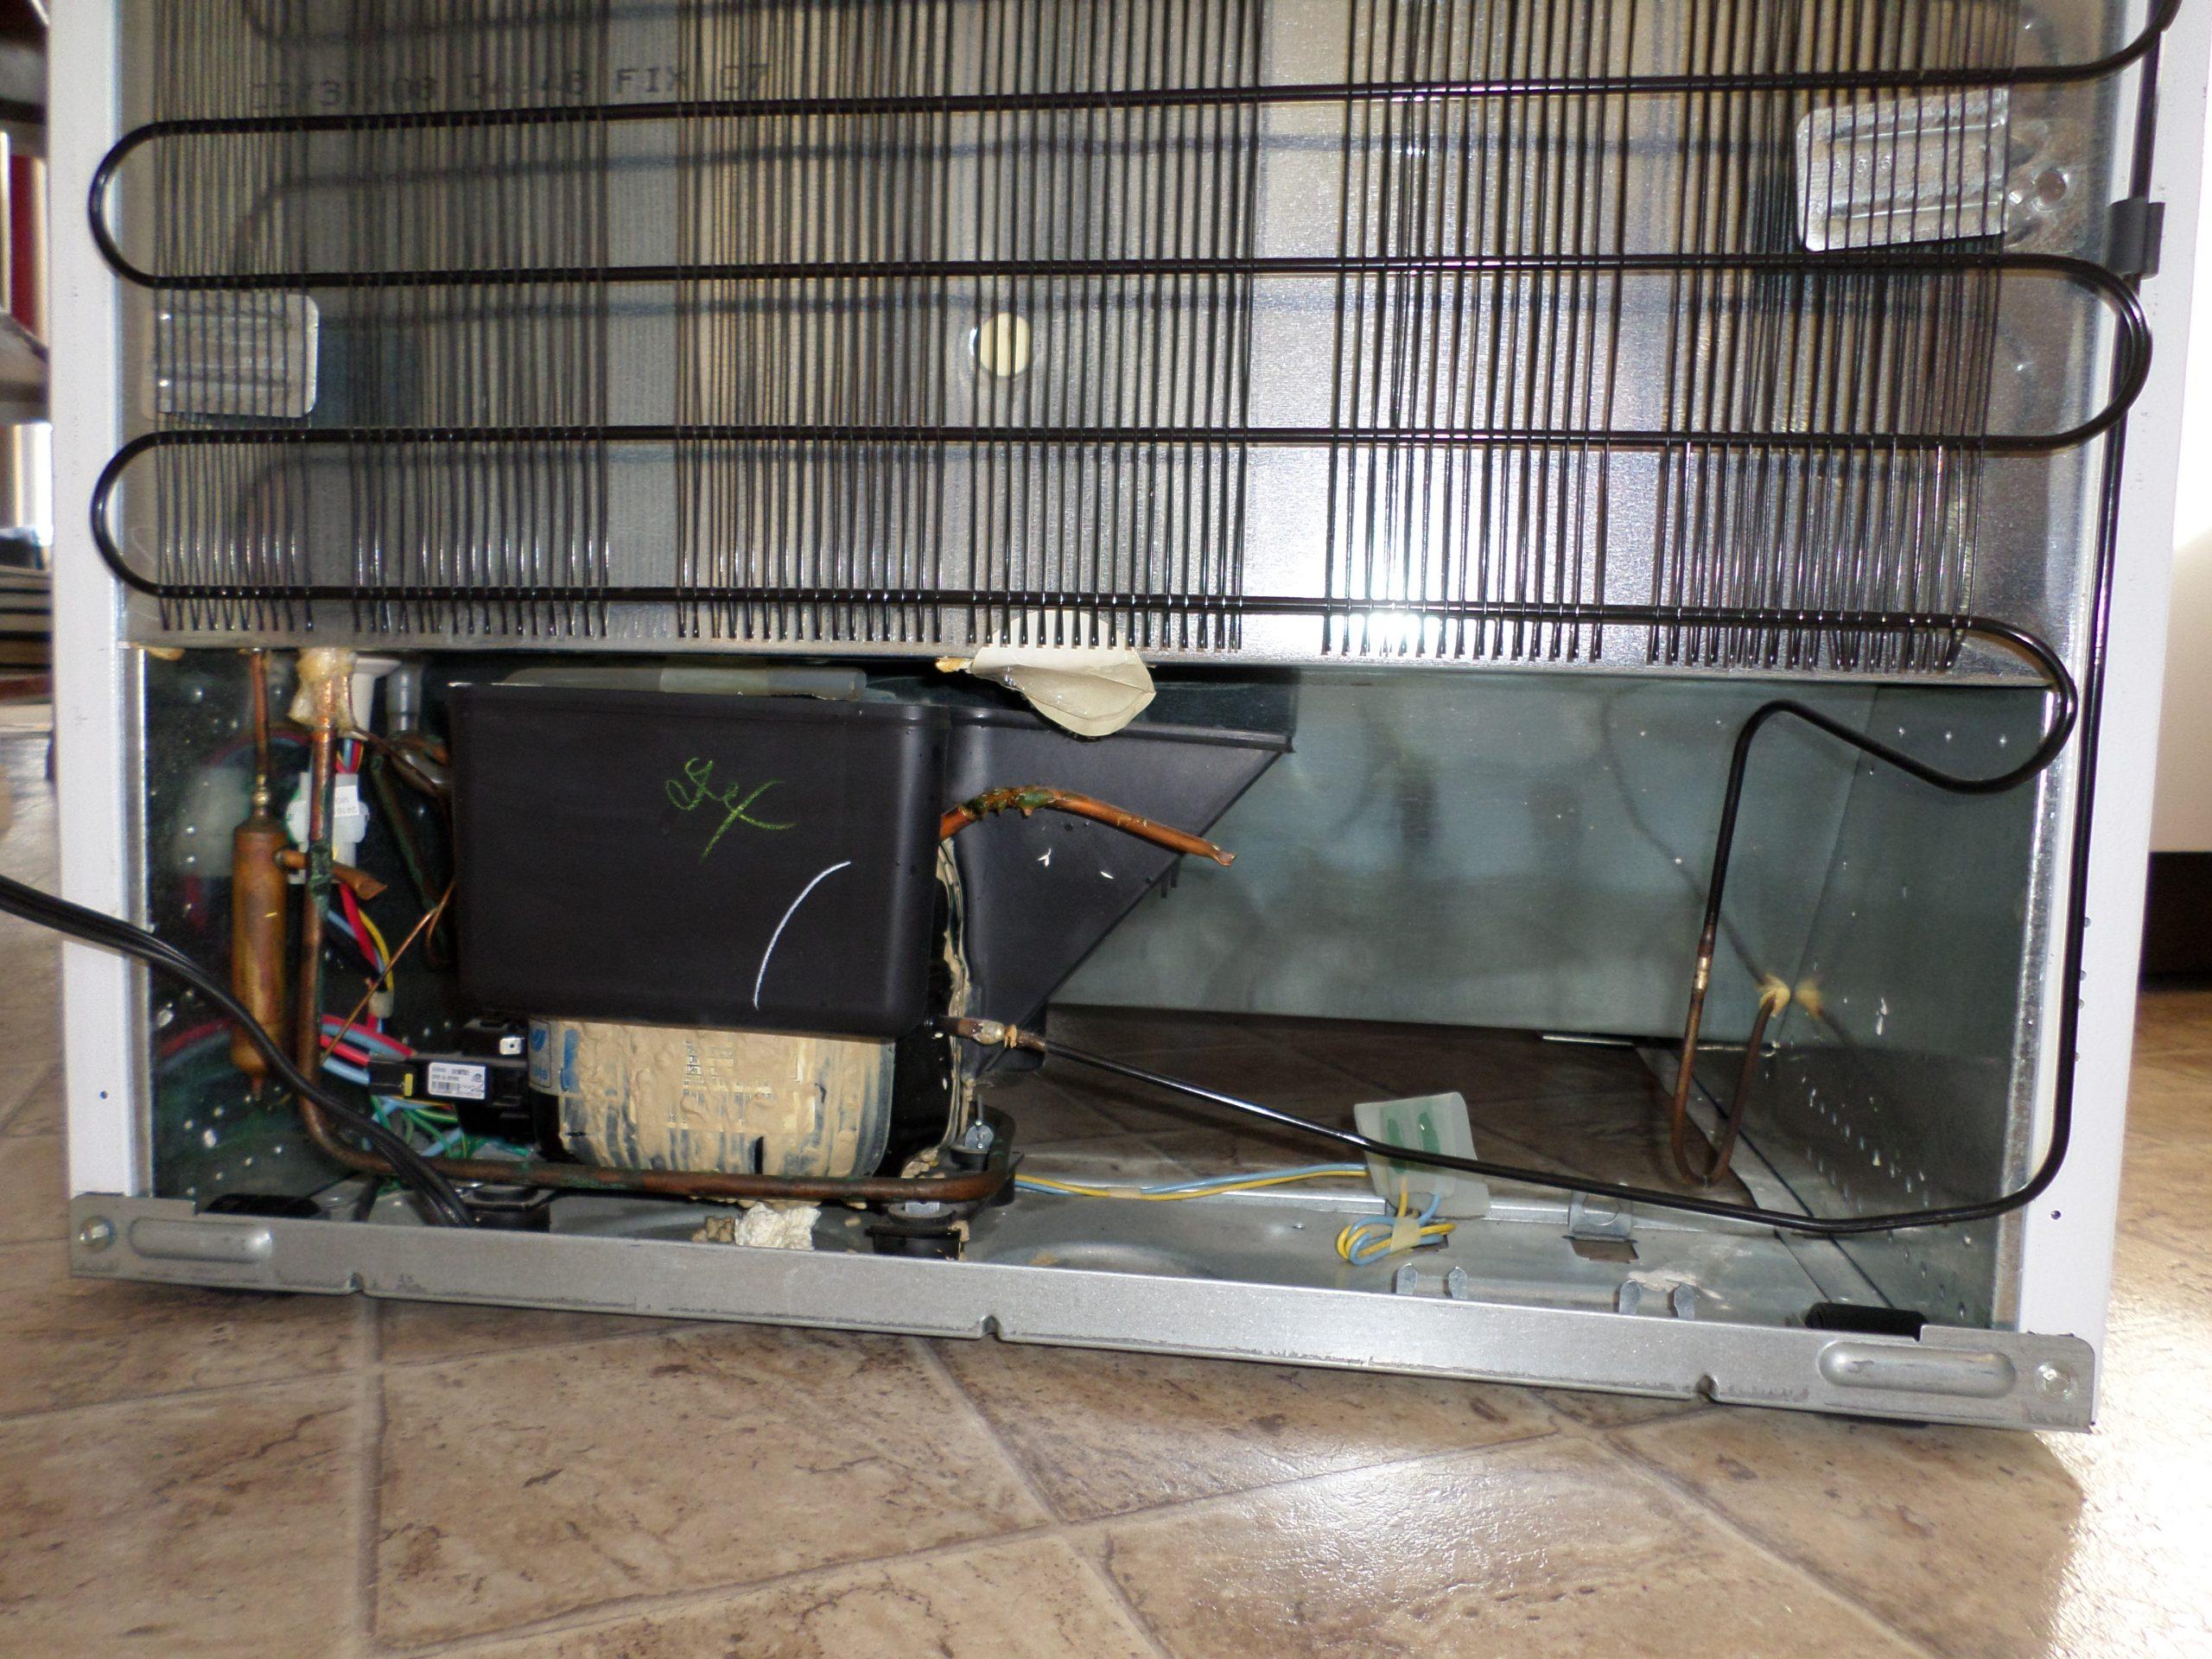 Refrigerator compressor, back view